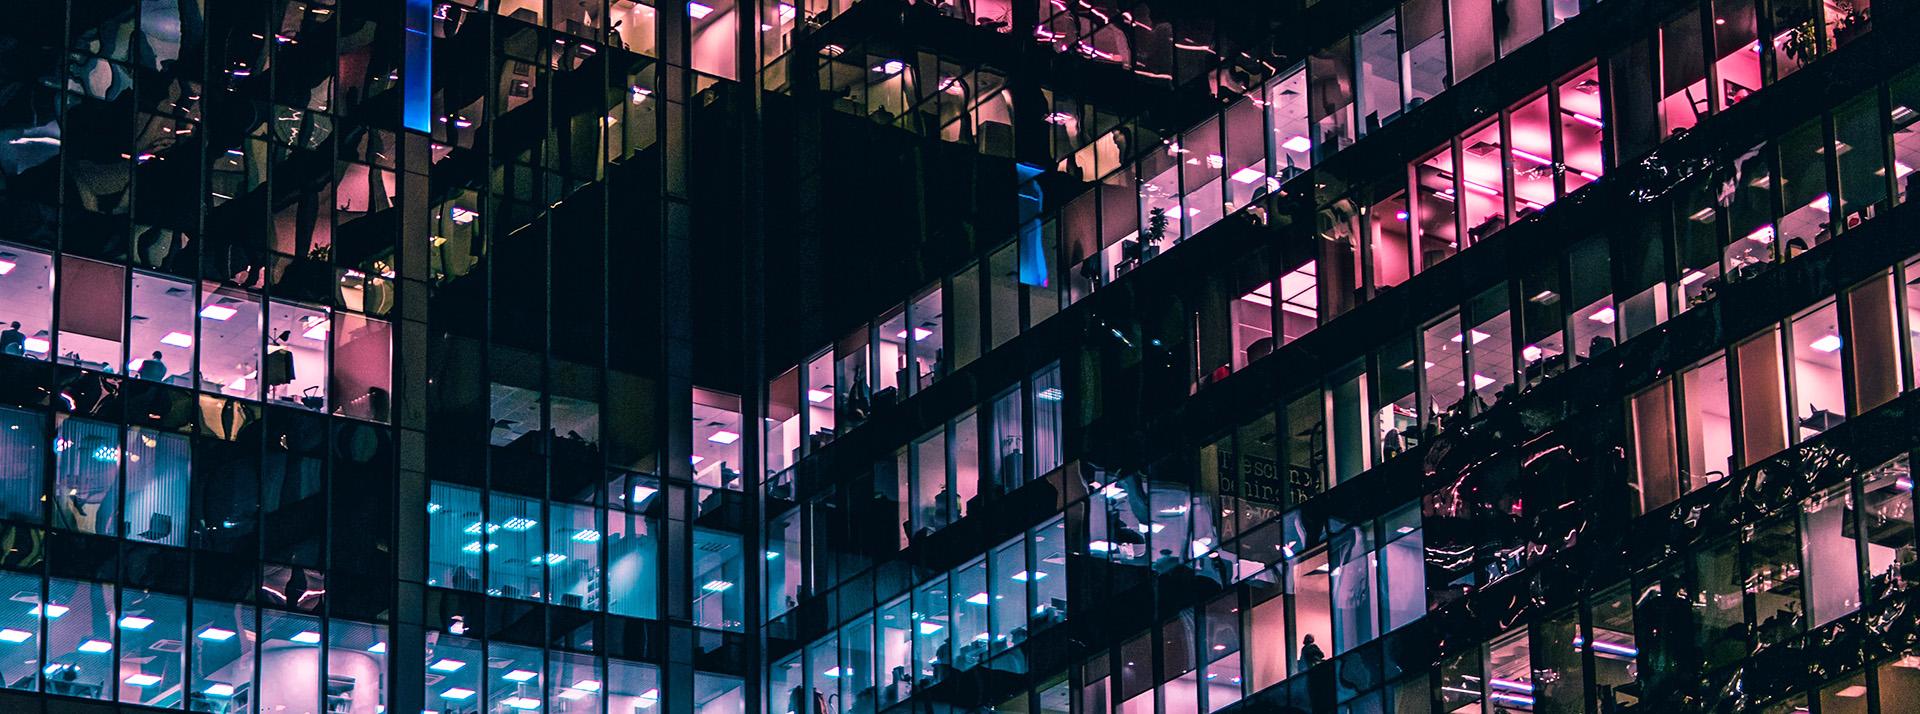 Vue extérieure d'un immeuble des bureaux la nuit